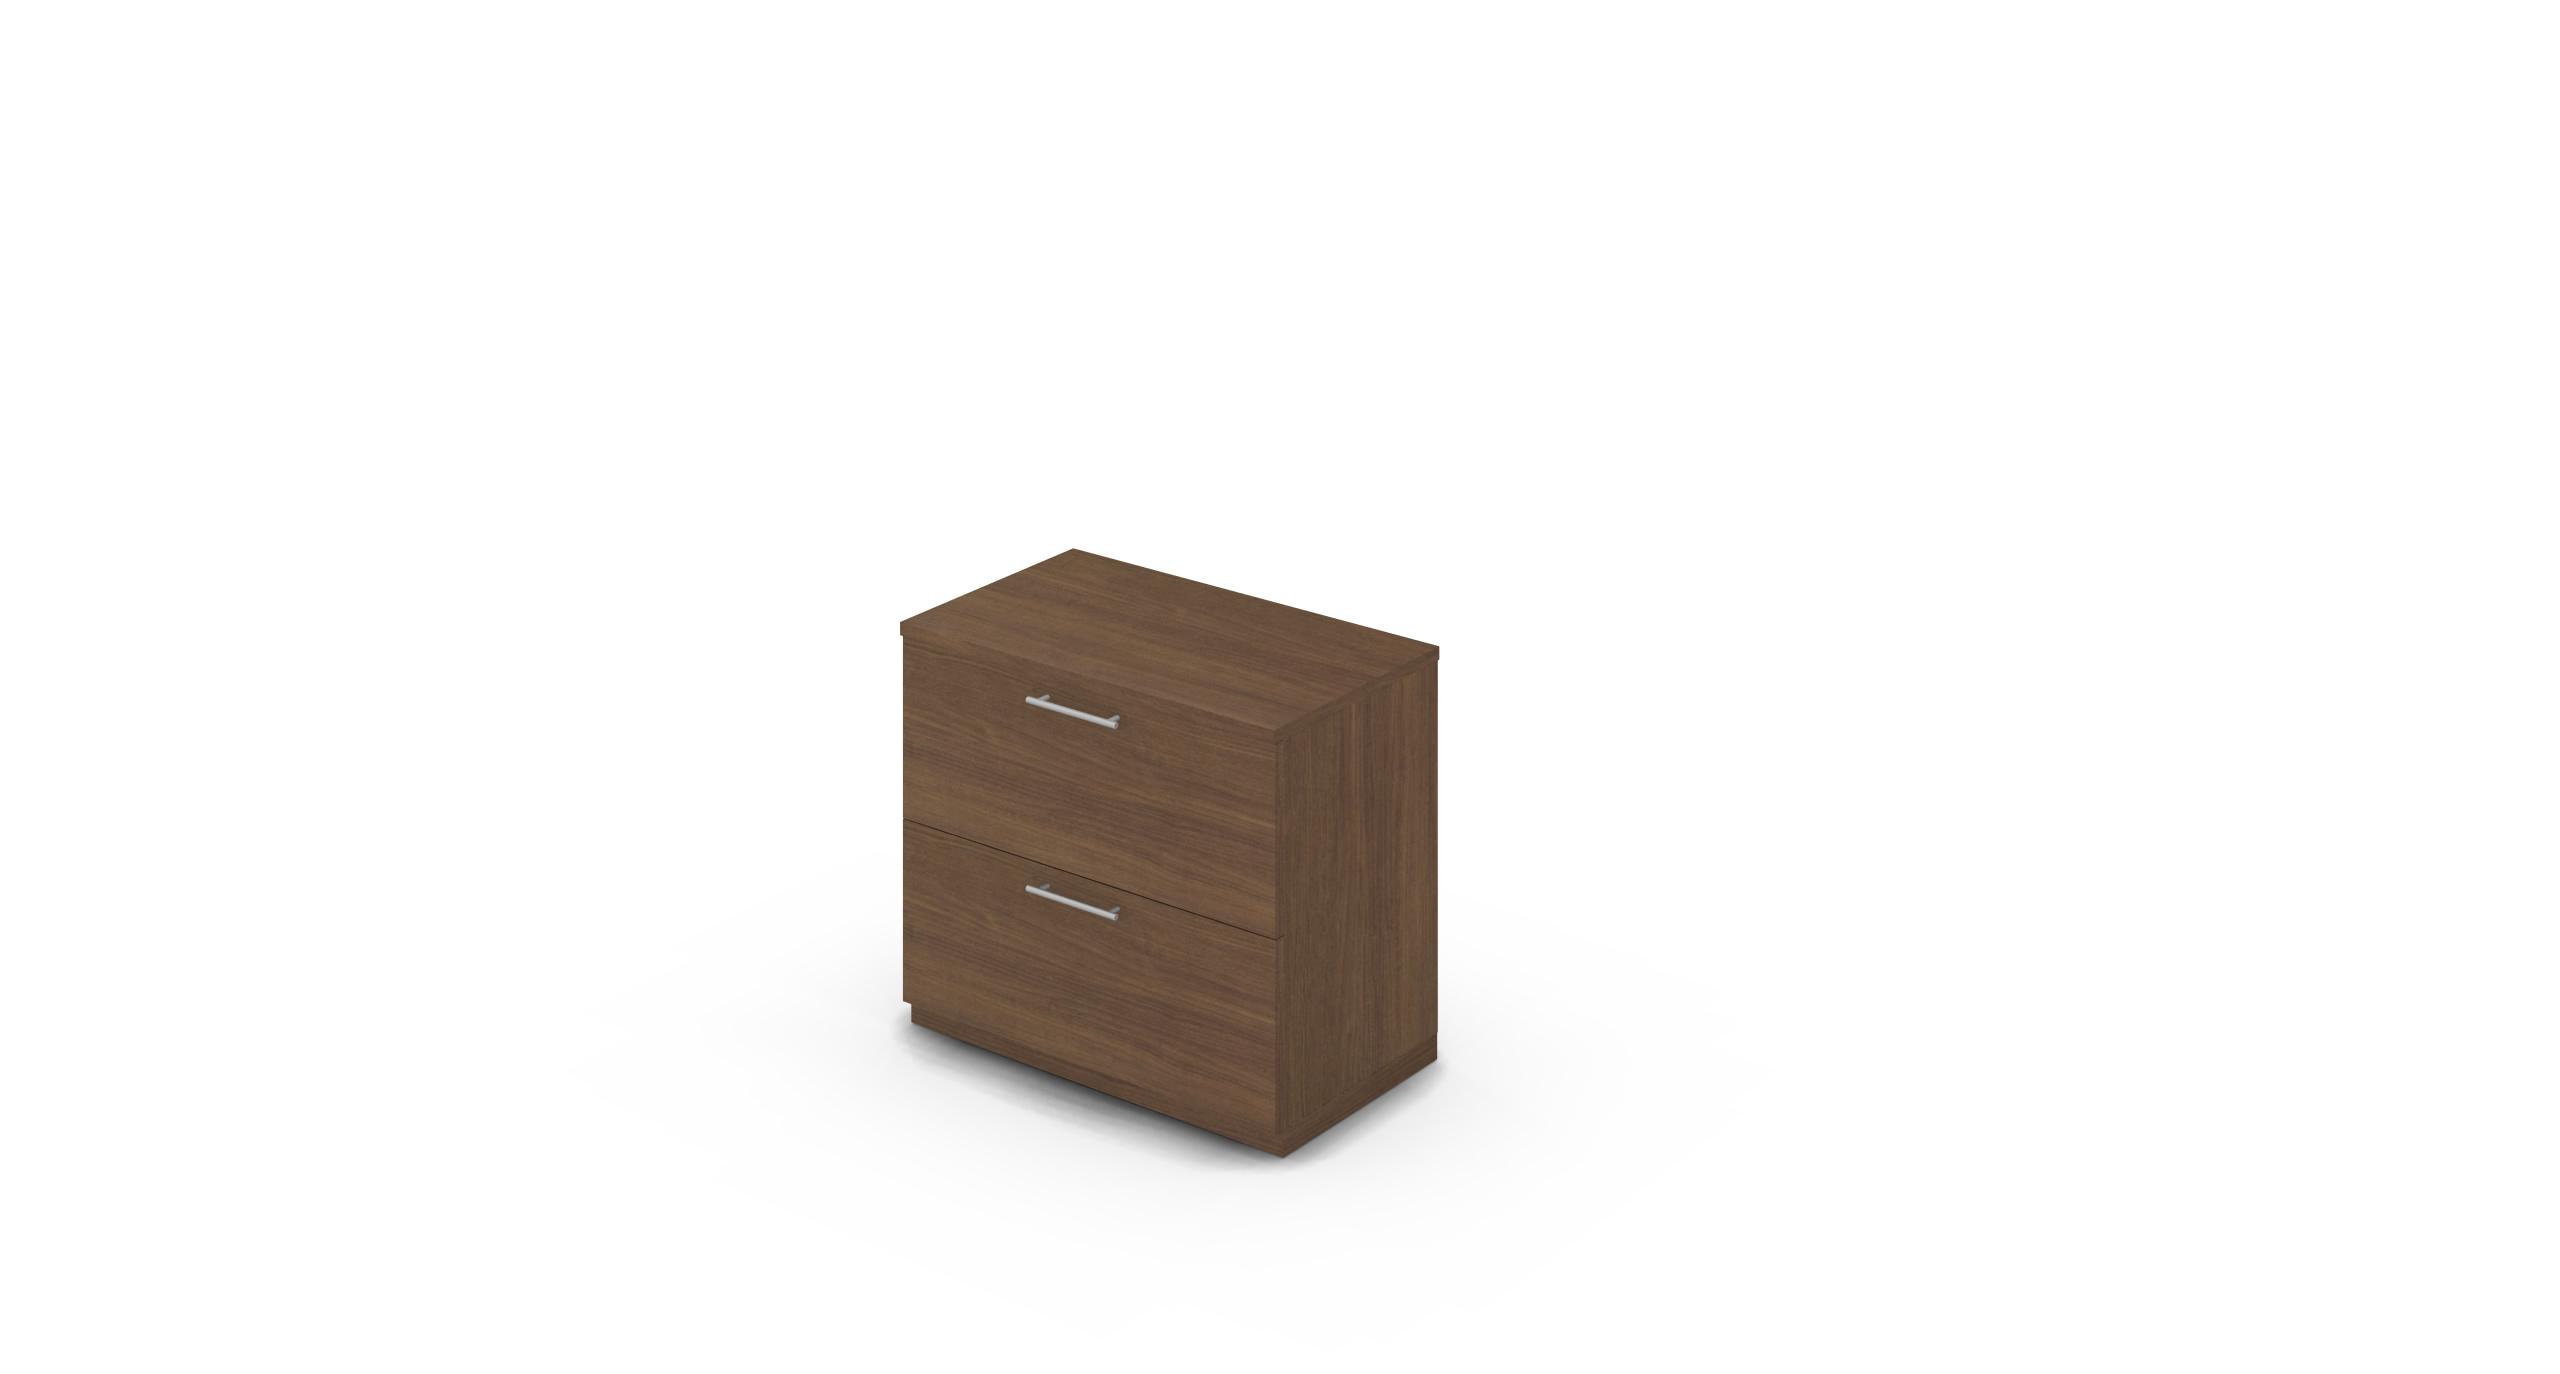 Cabinet_800x450x775_DR_Walnut_Bar_Round_NoCylinder